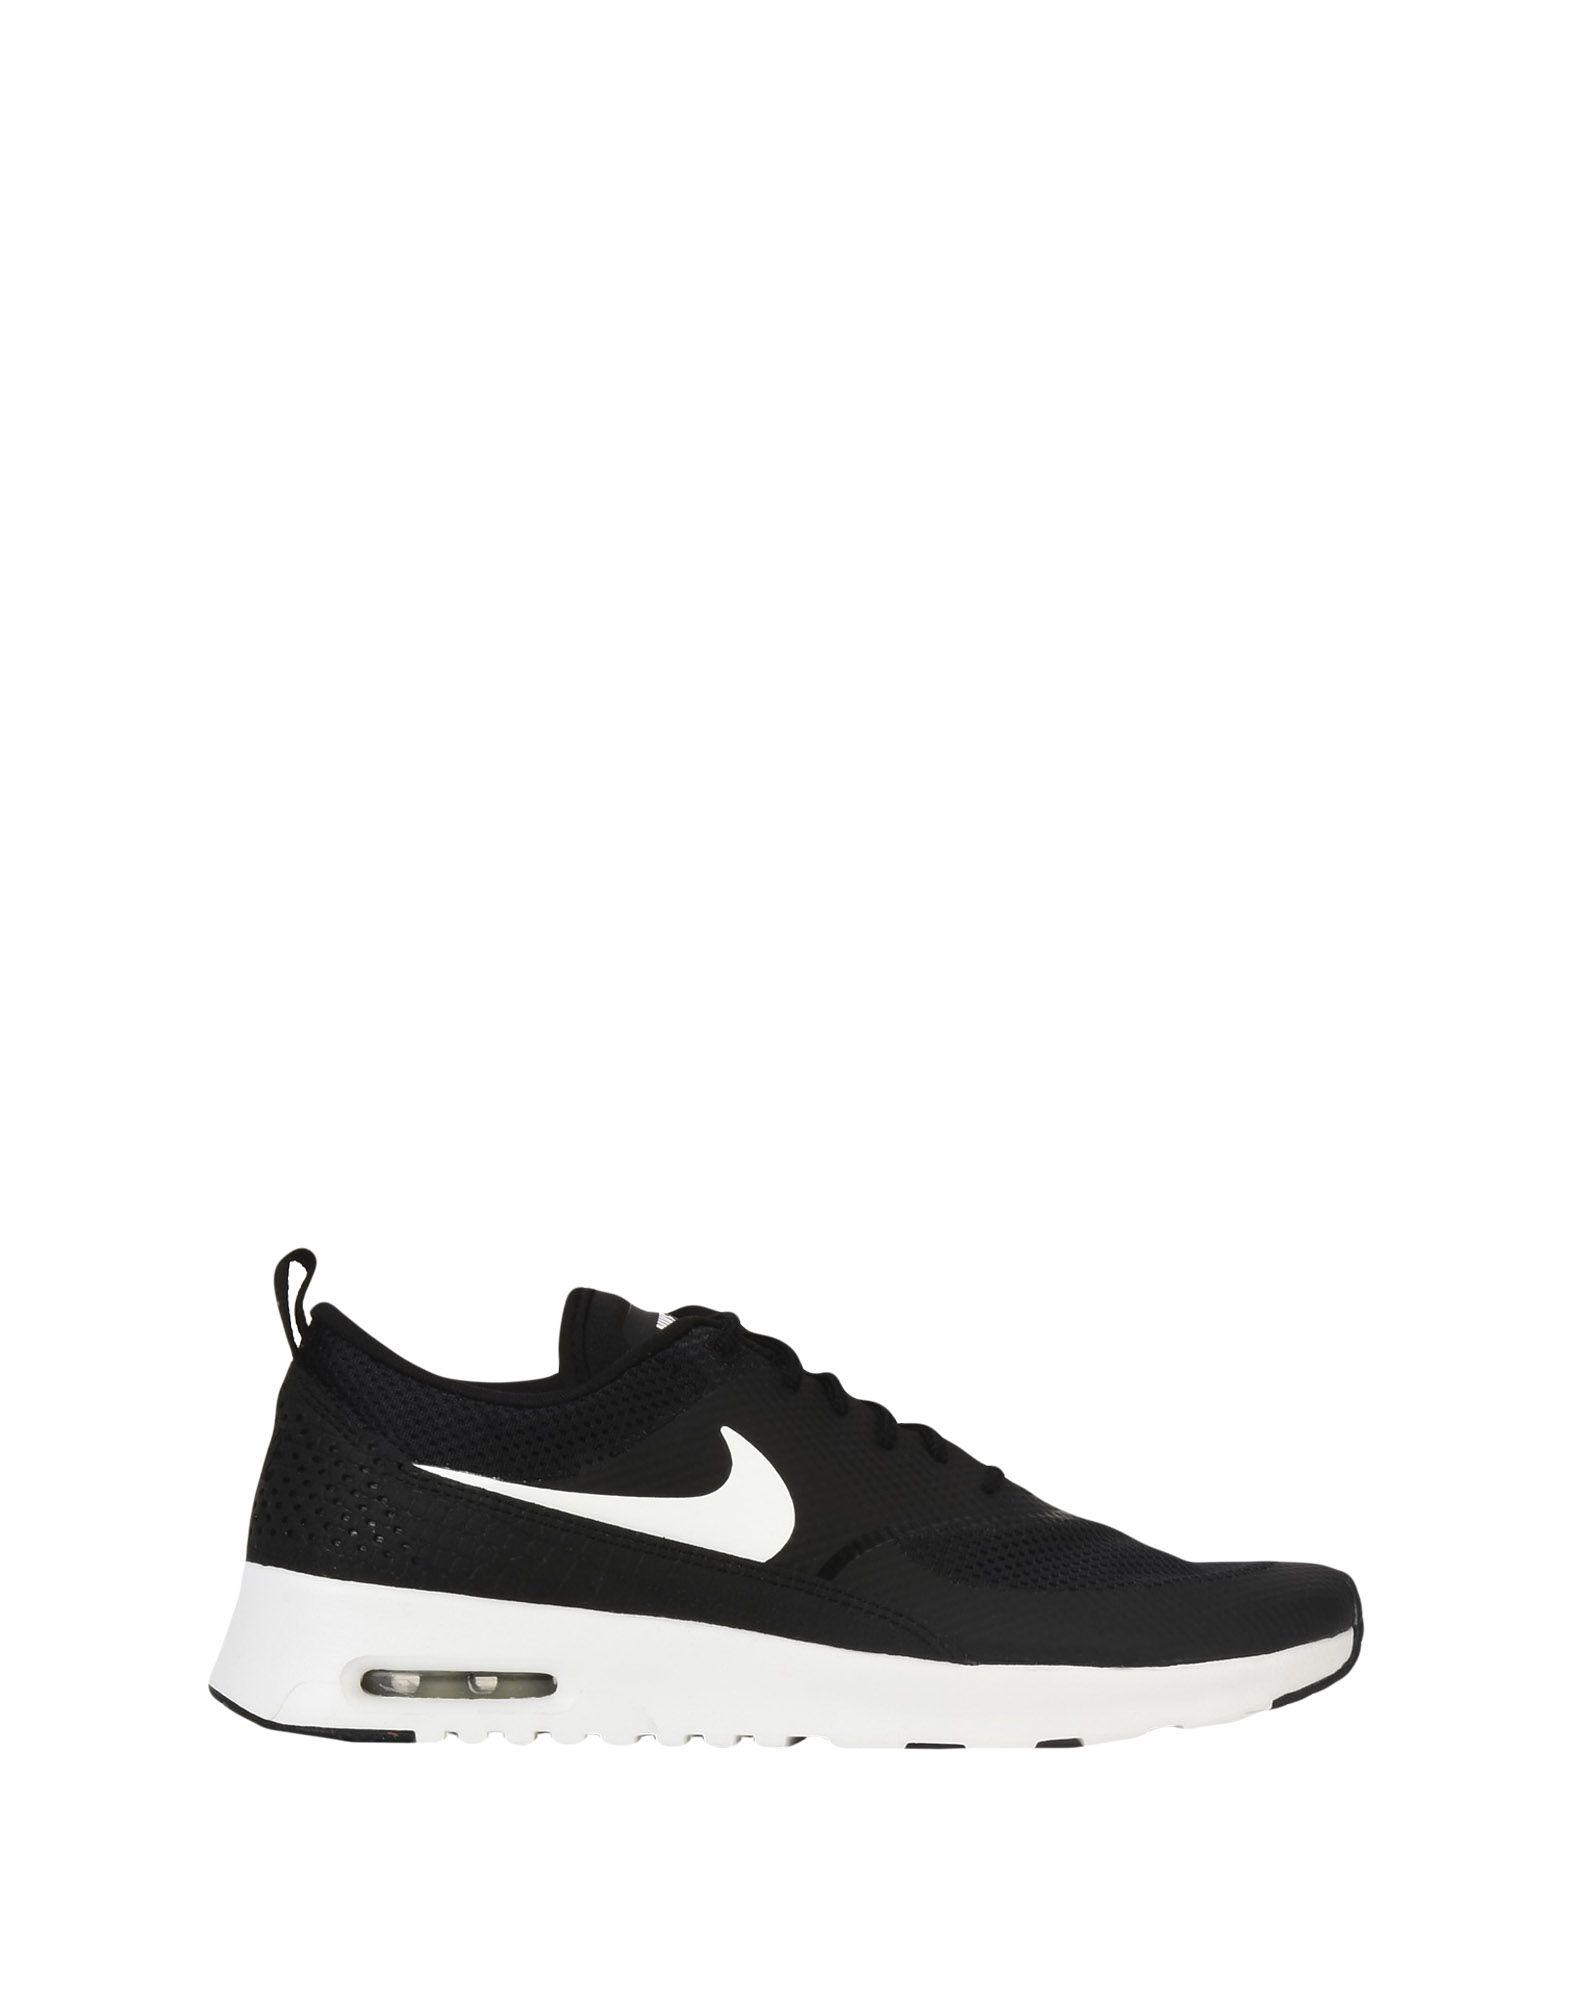 Nike   Gute  Air Max Thea  11210483RR Gute  Qualität beliebte Schuhe 91db5a